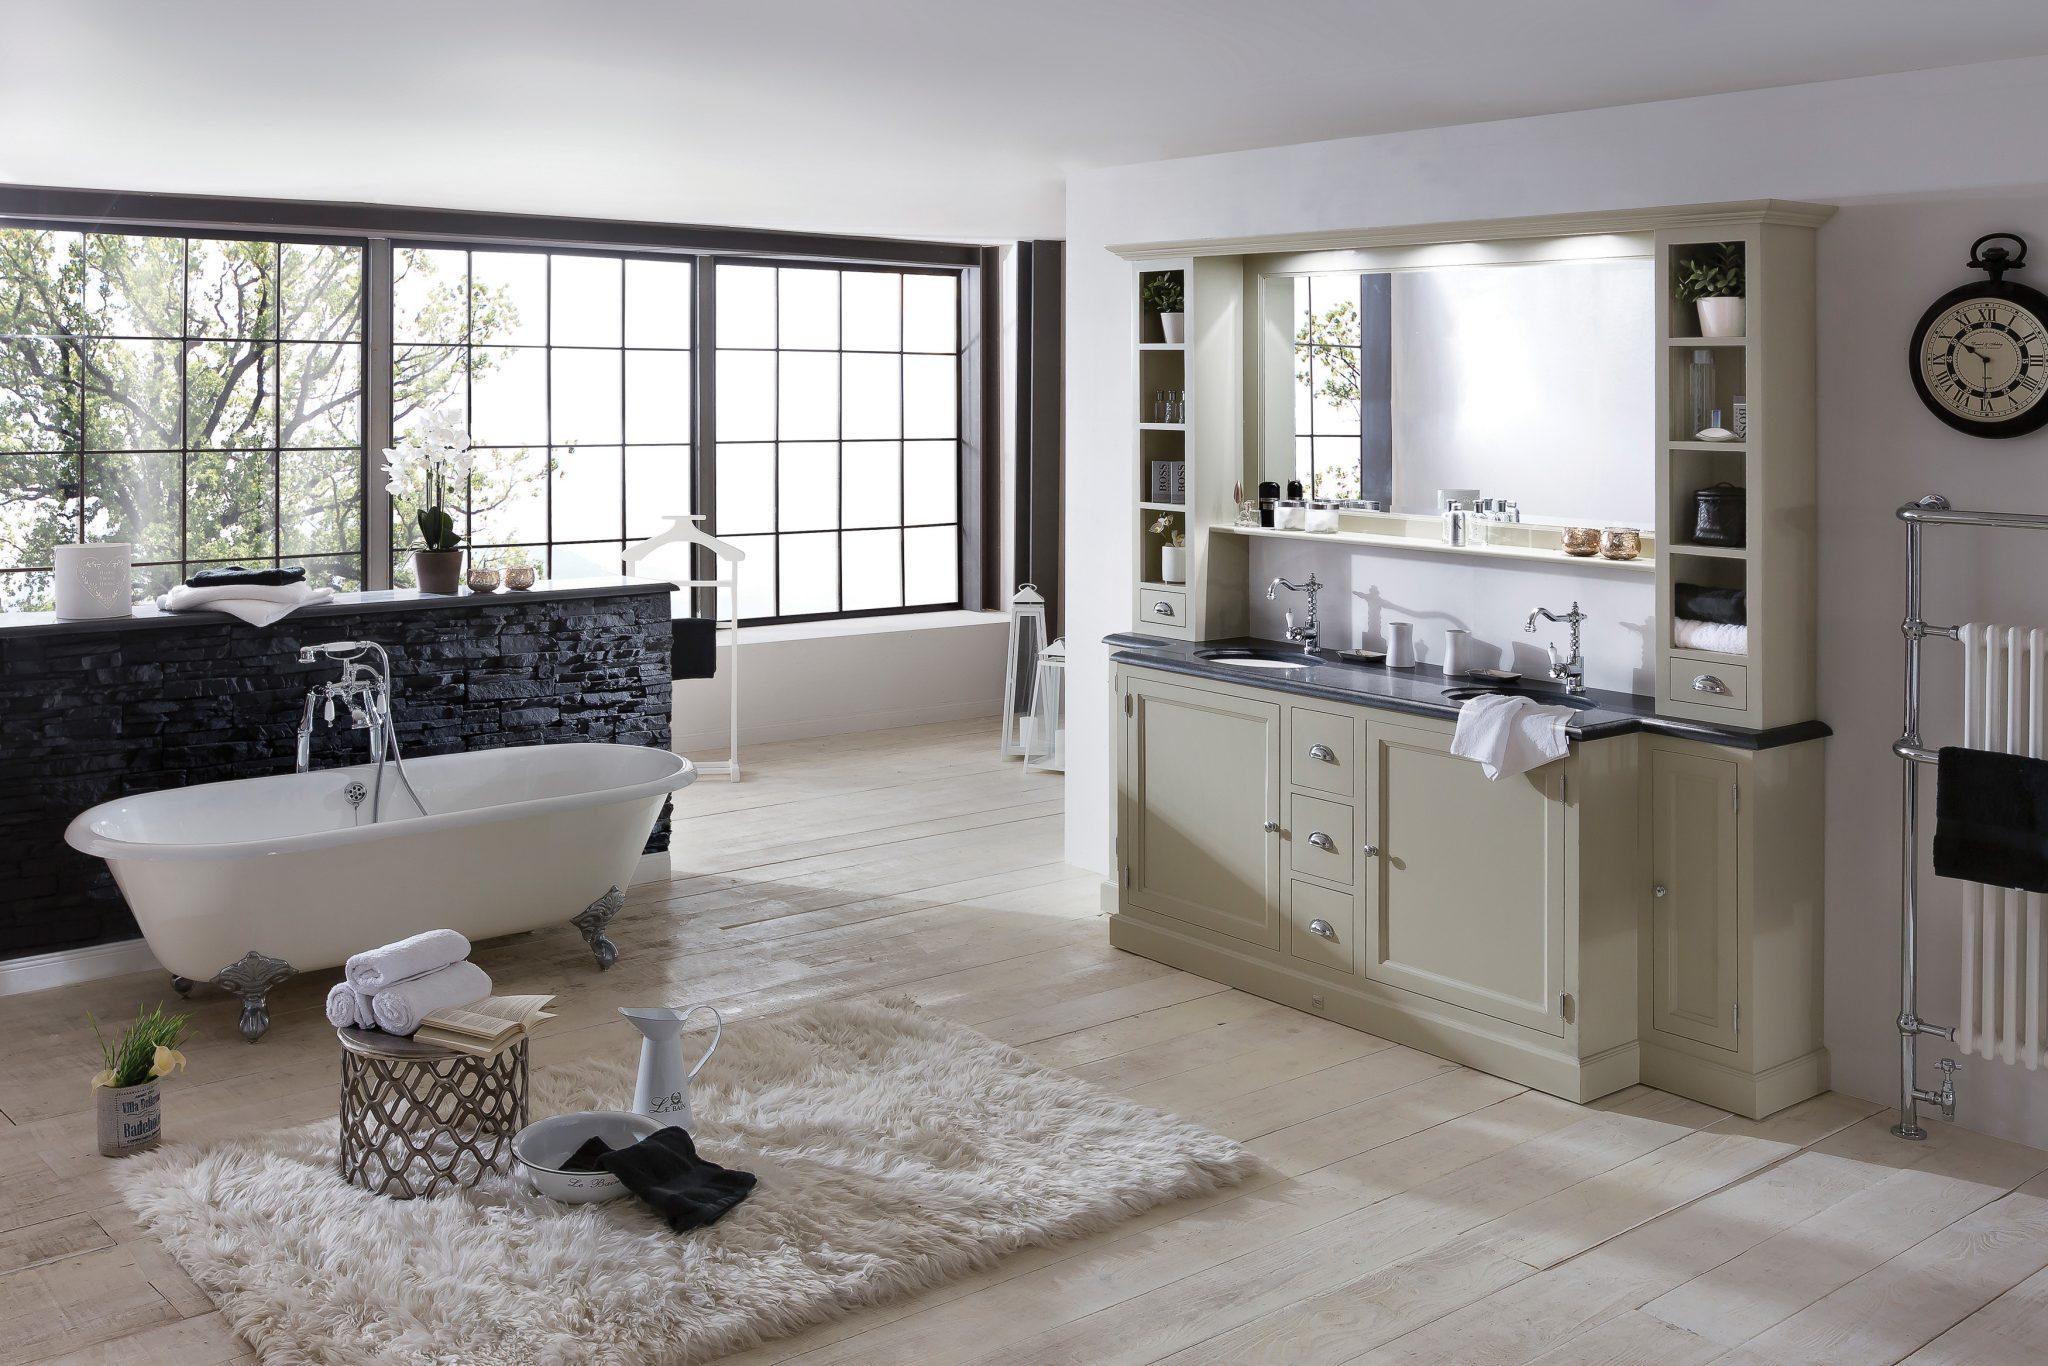 Landelijke Kranen Badkamer : Landelijke badkamers badmeesters